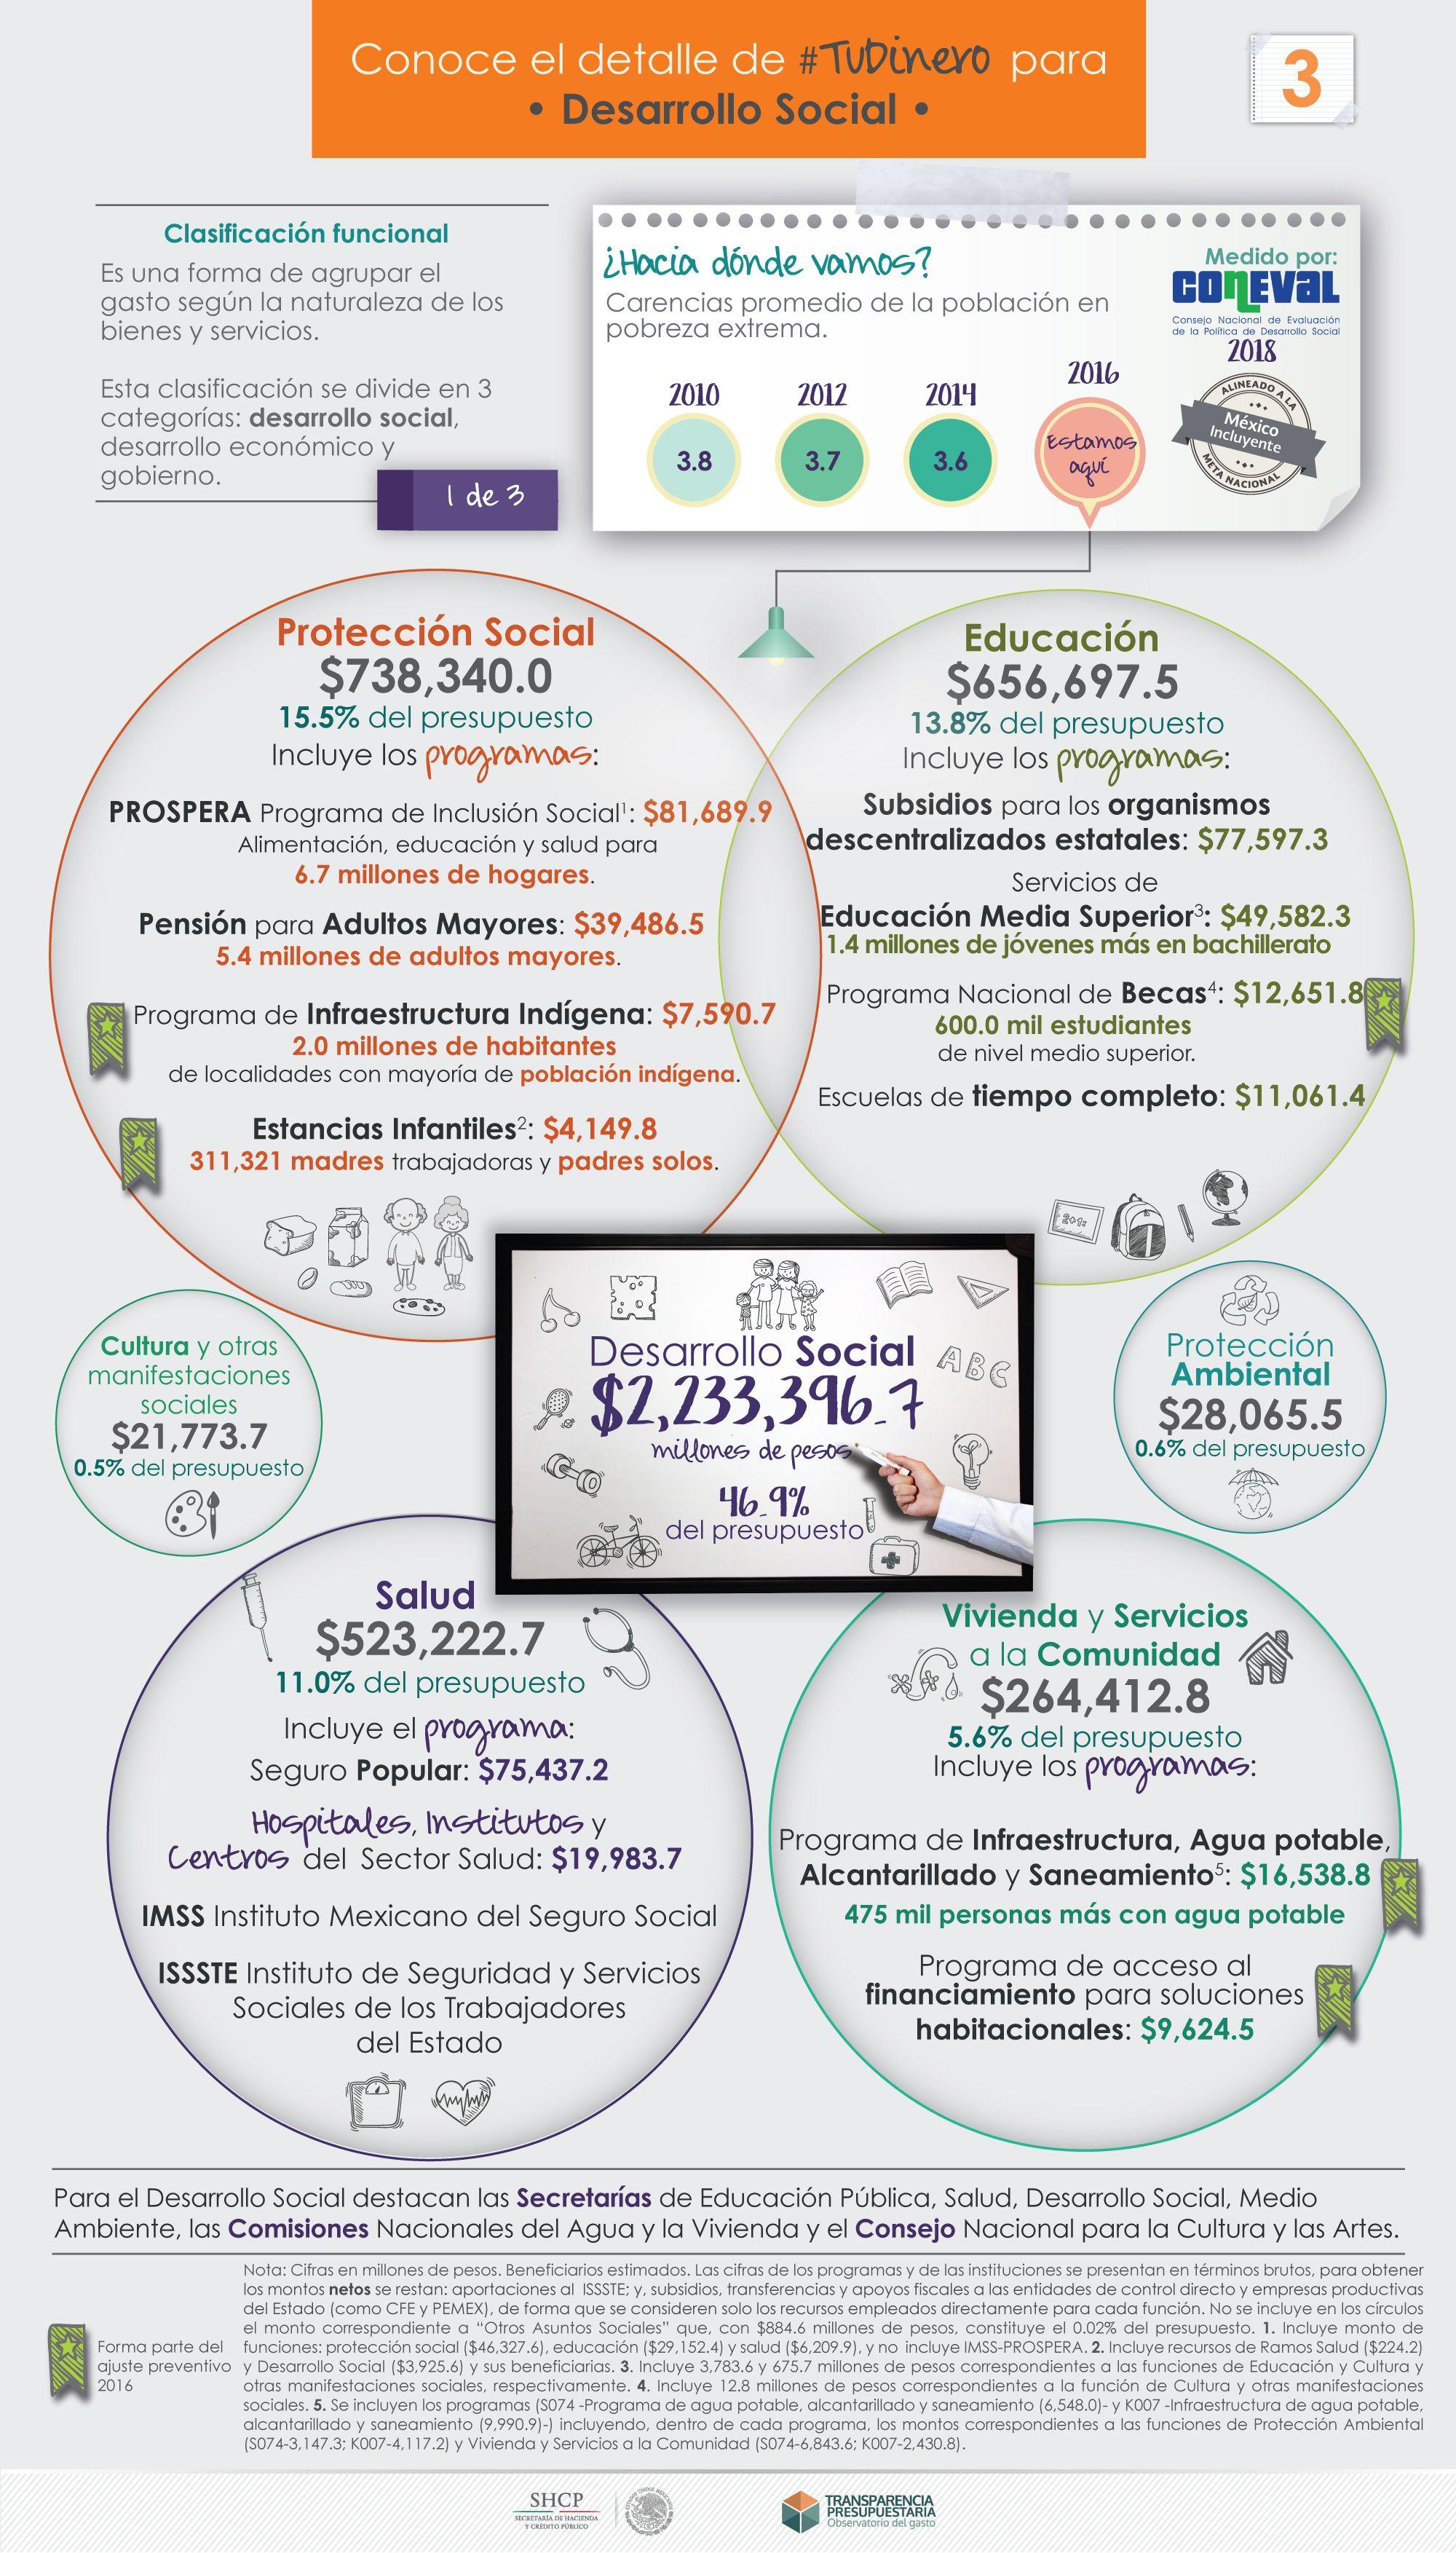 Inversion En Desarrollo Social